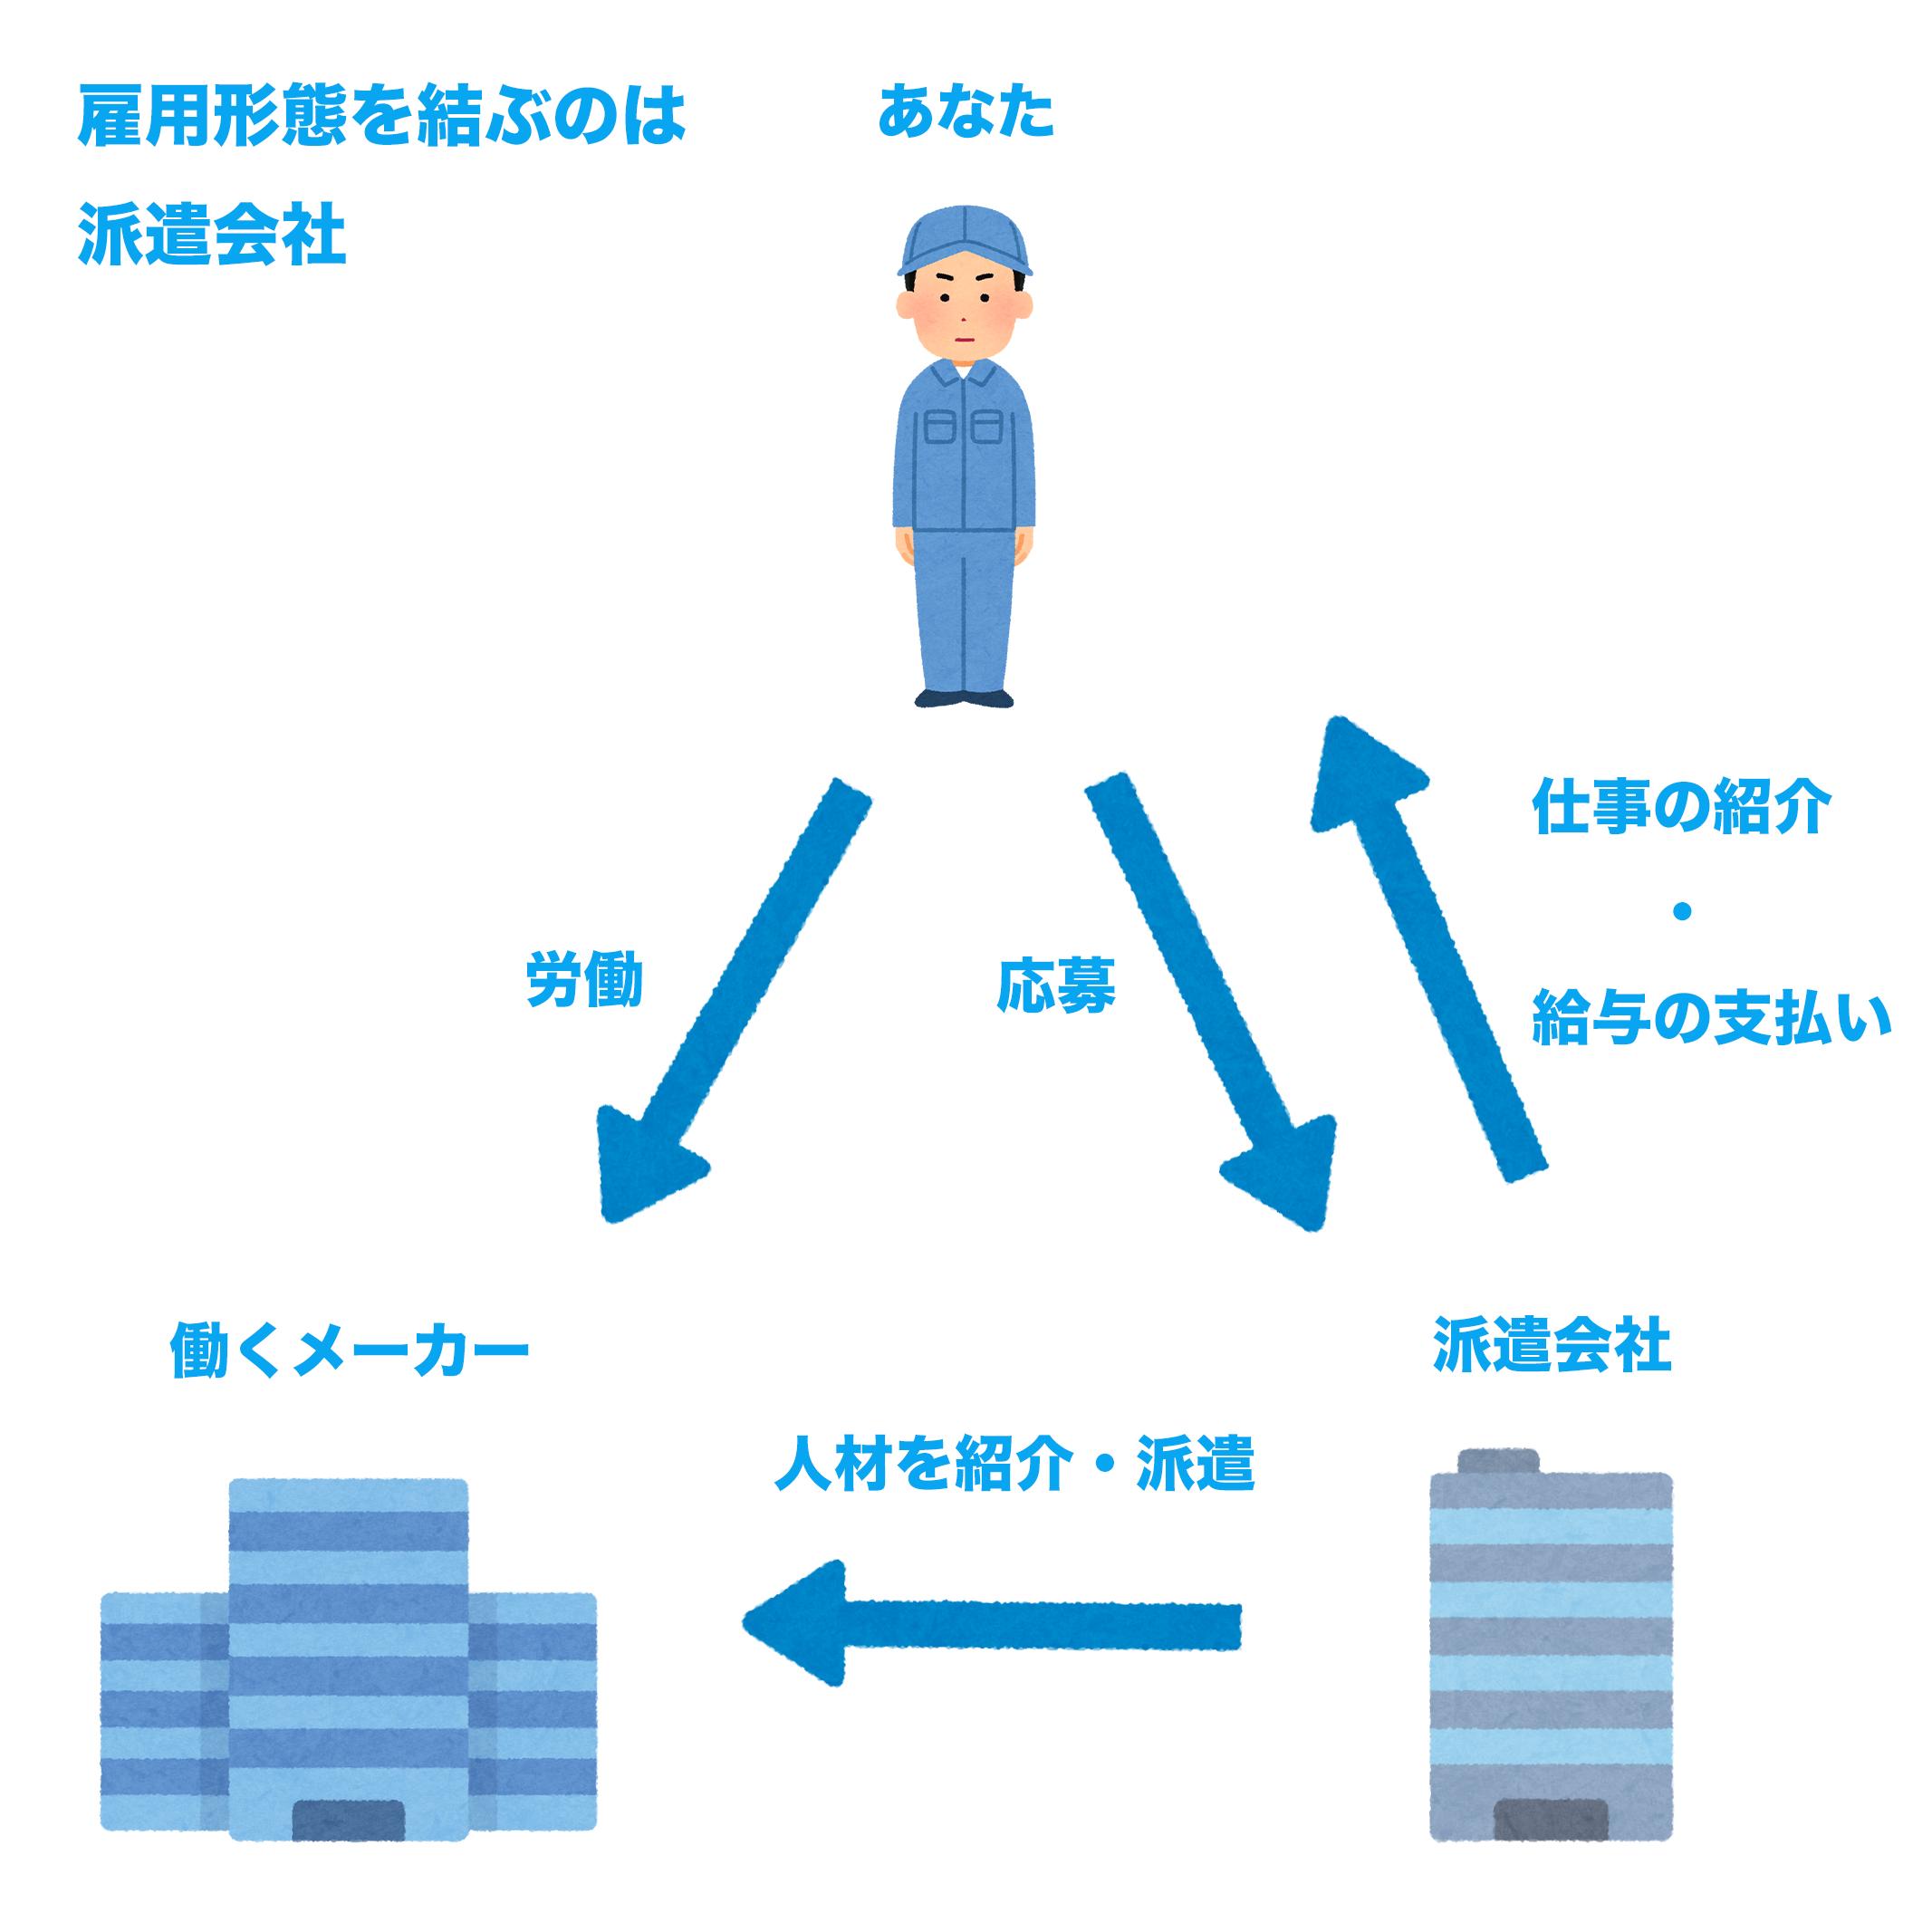 期間工に派遣会社経由で応募した際の雇用形態の図